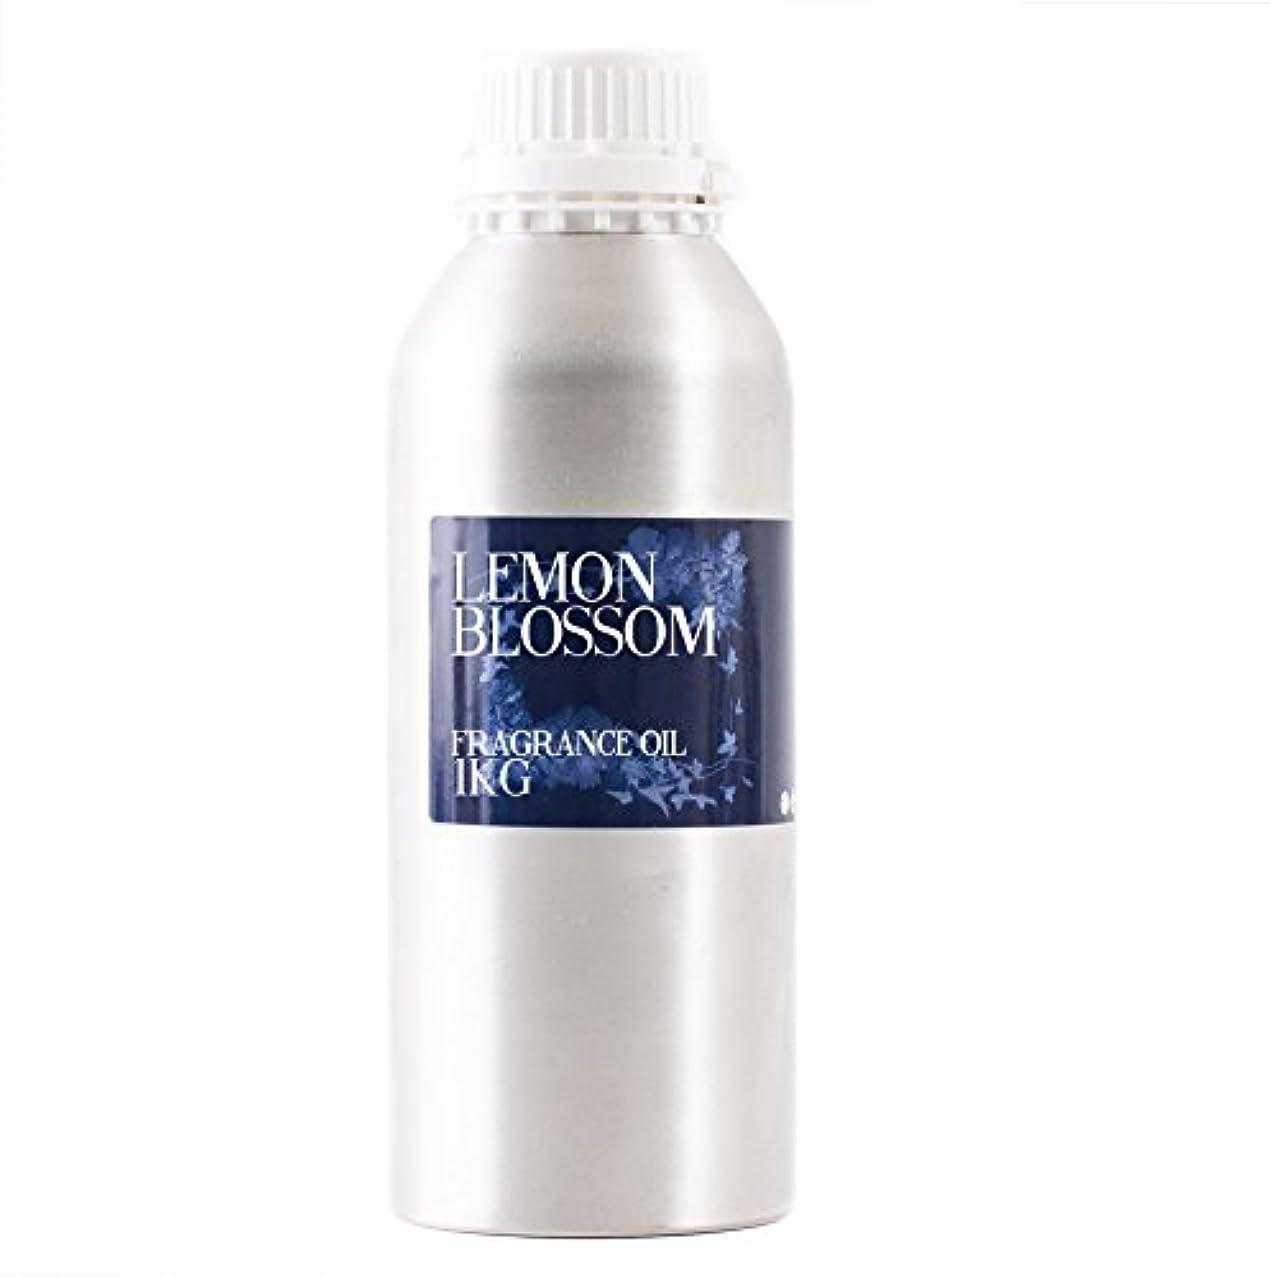 俳優守るペナルティMystic Moments | Lemon Blossom Fragrance Oil - 1Kg